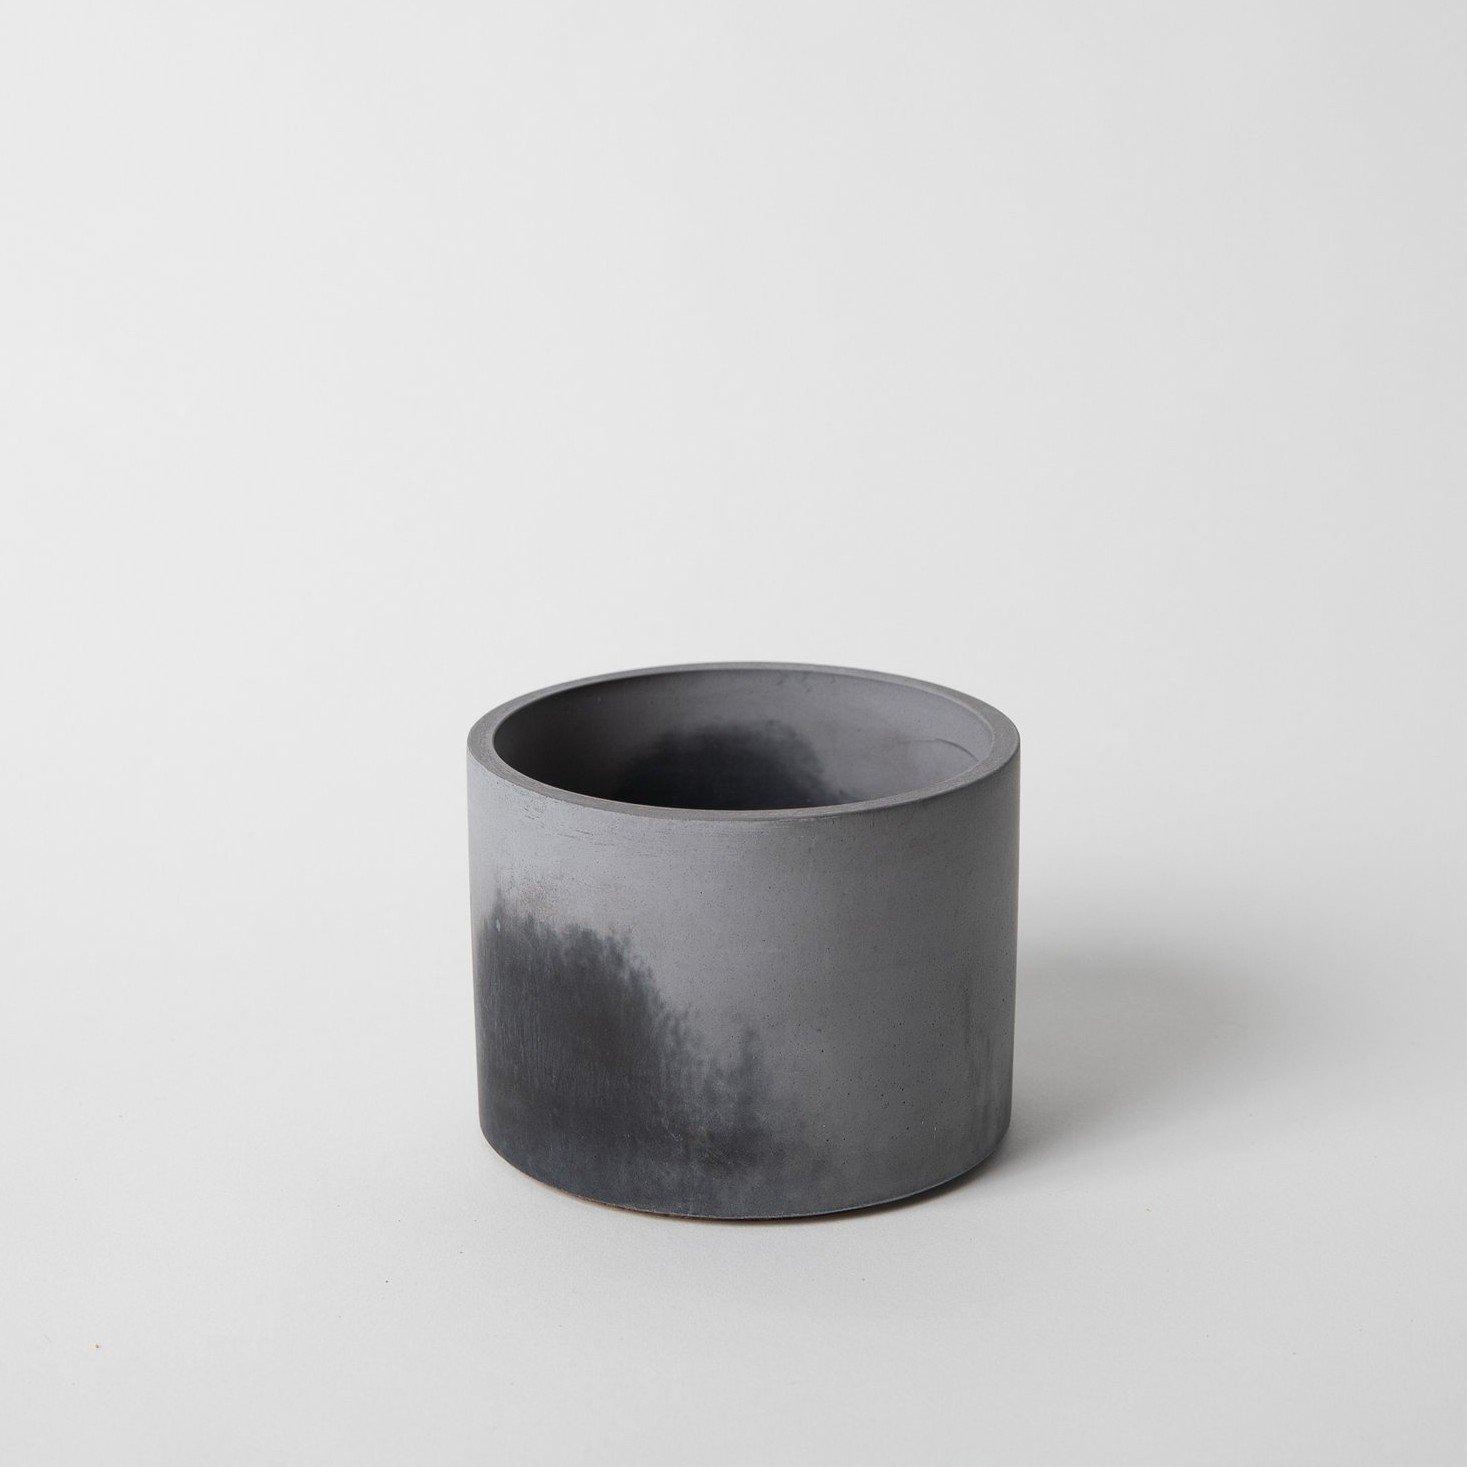 Concrete 4 Vessel